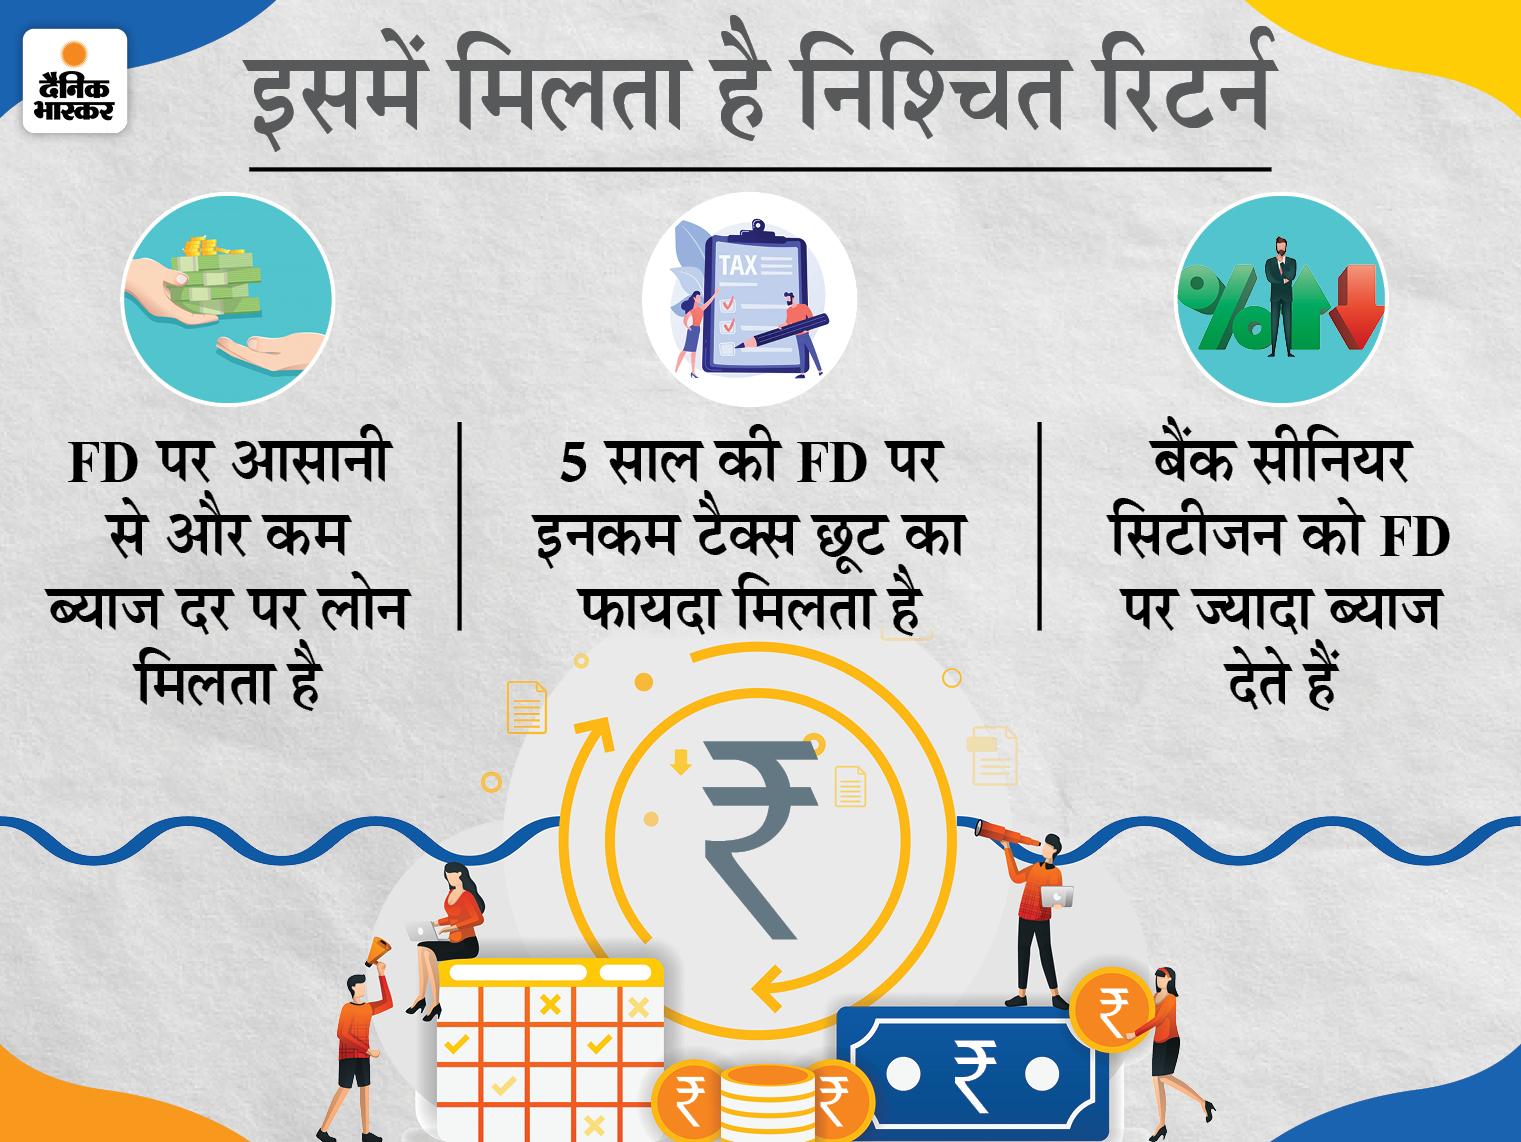 FD पर आसानी से मिलता है लोन और टैक्स में भी मिलती है छूट, यहां जानें इससे जुड़ी खास बातें|बिजनेस,Business - Dainik Bhaskar